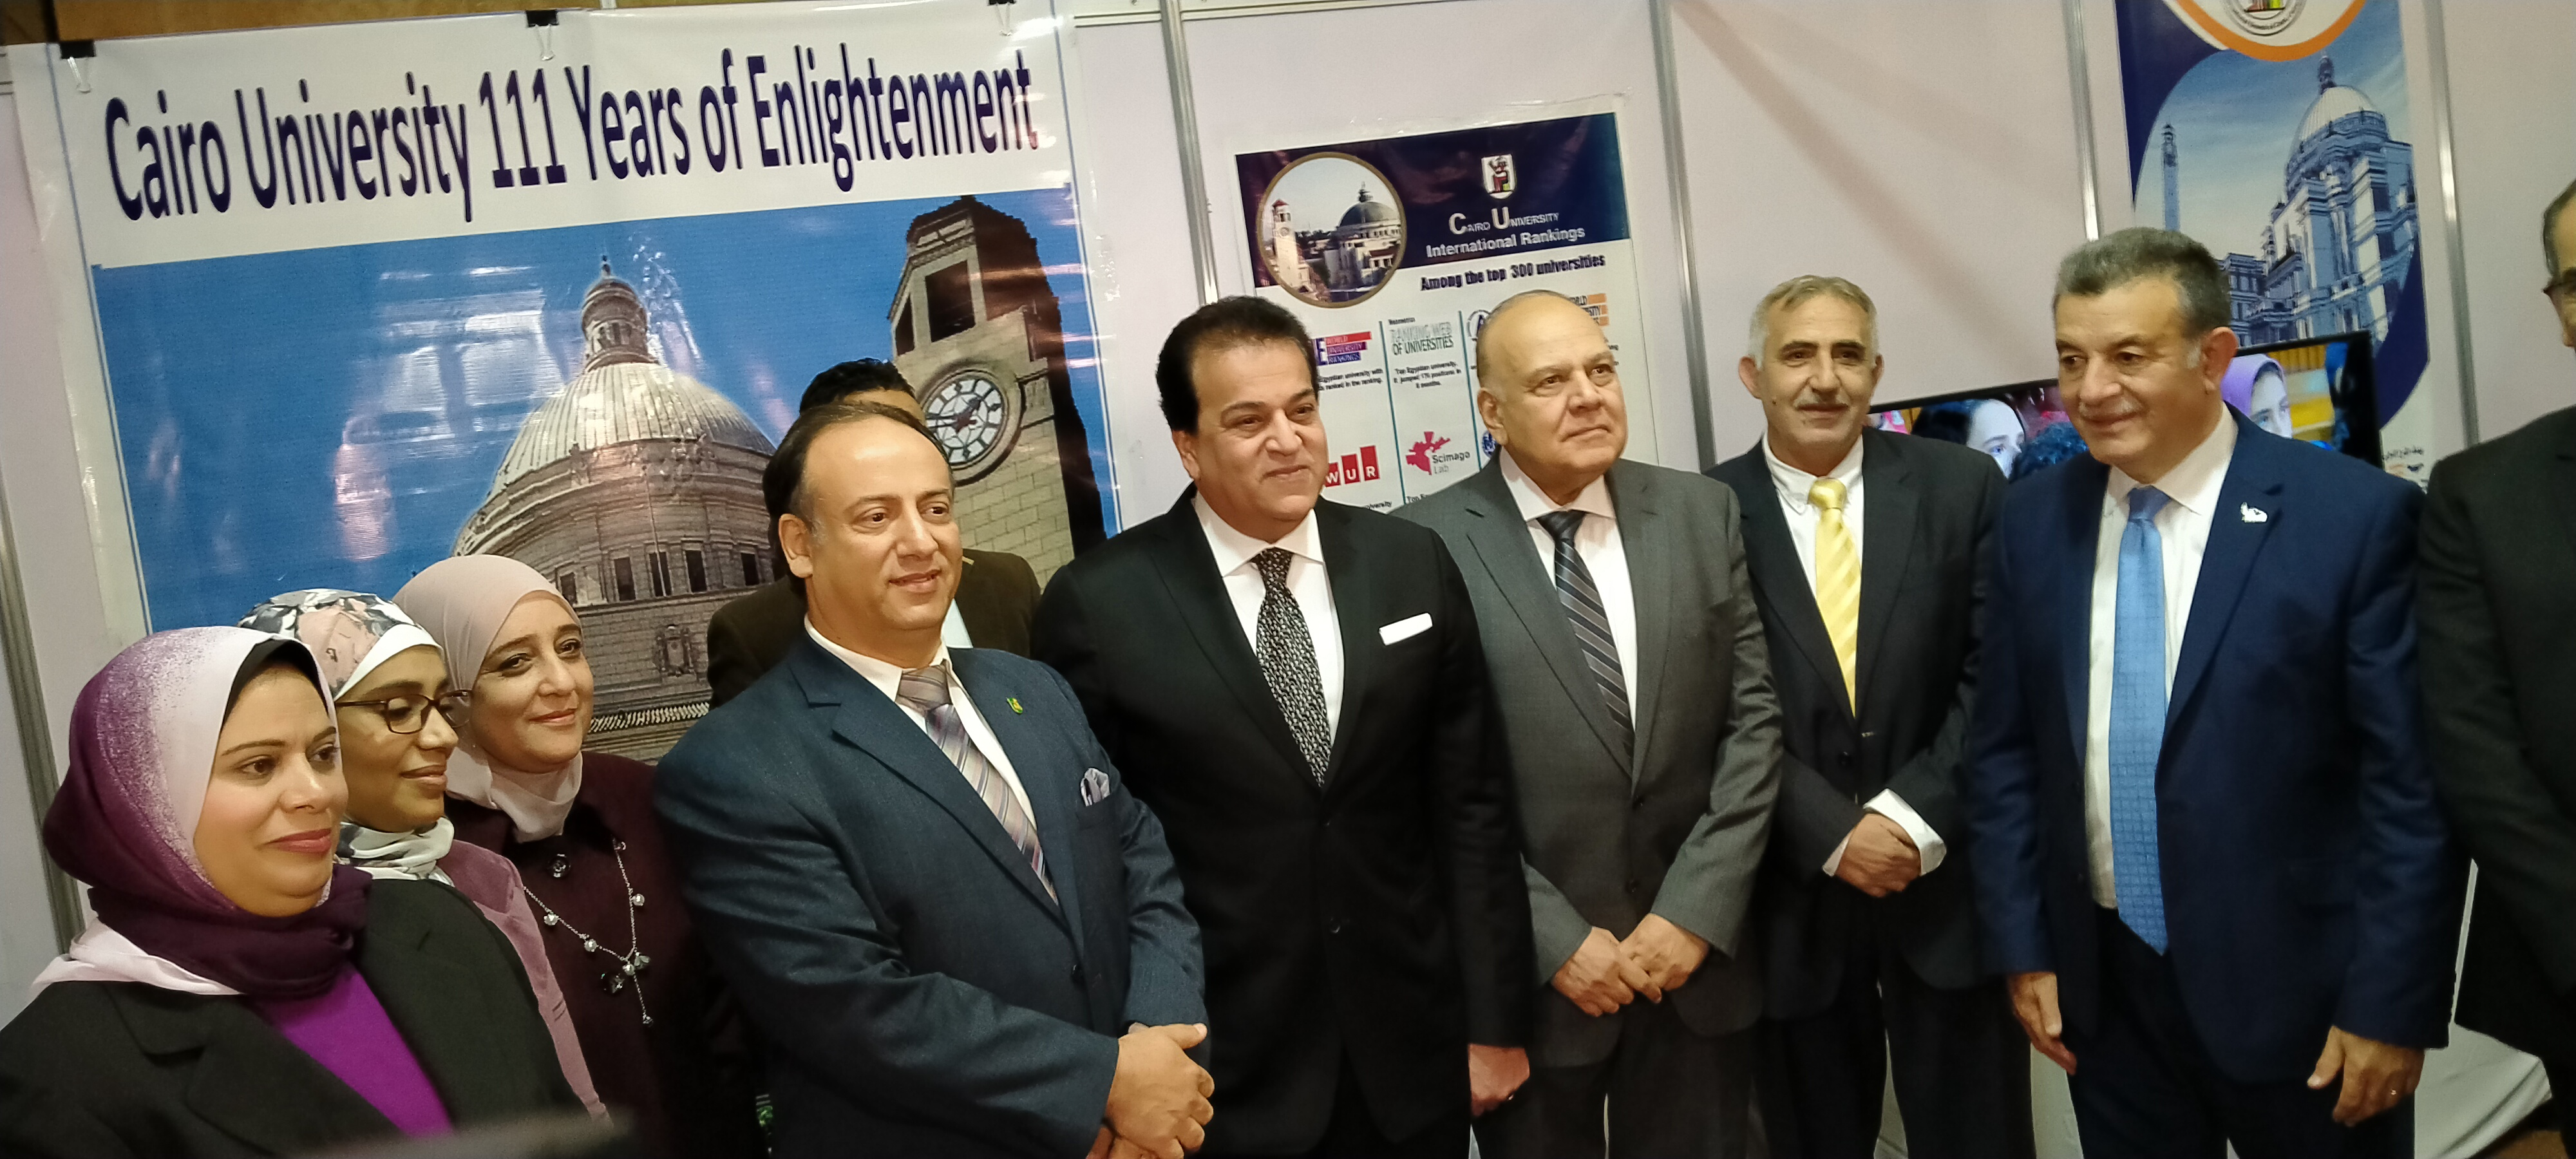 وزير التعليم العالى يتفقد معرض الجامعات بالملتقى الدولى السادس التعليم  (10)